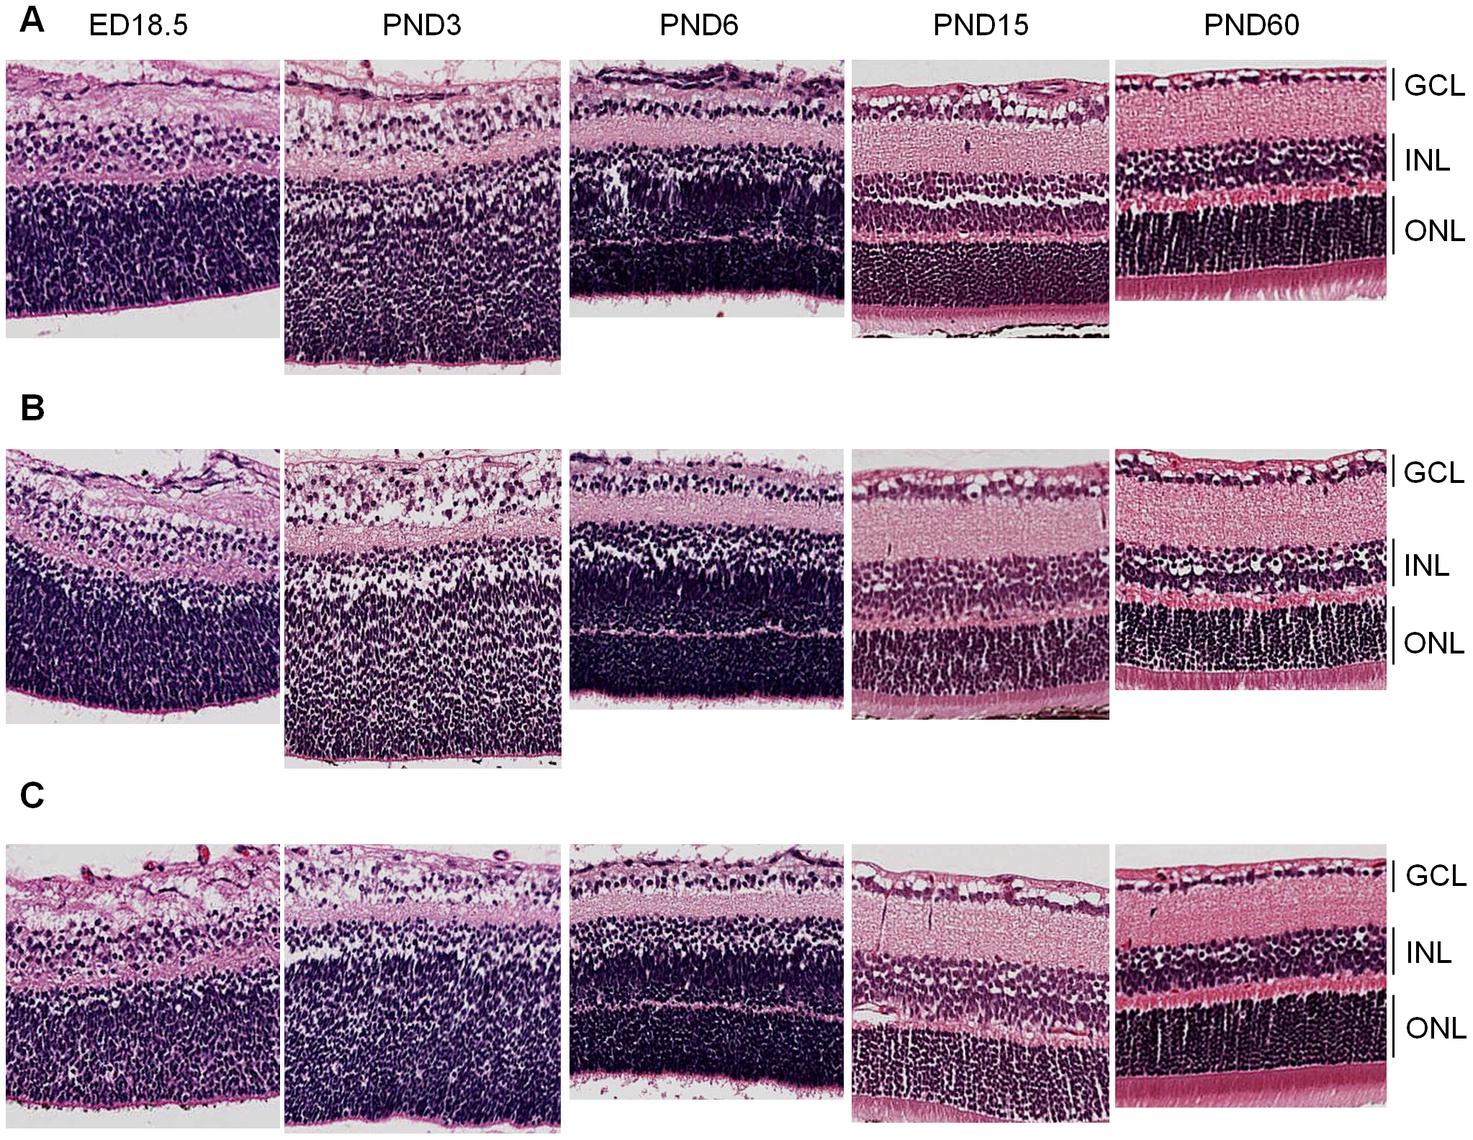 Retinal histology of <i>Cdh11</i><sup>+/+</sup>, <i>Cdh11</i><sup>+/-</sup>, and <i>Cdh11</i><sup>-/-</sup> littermates.